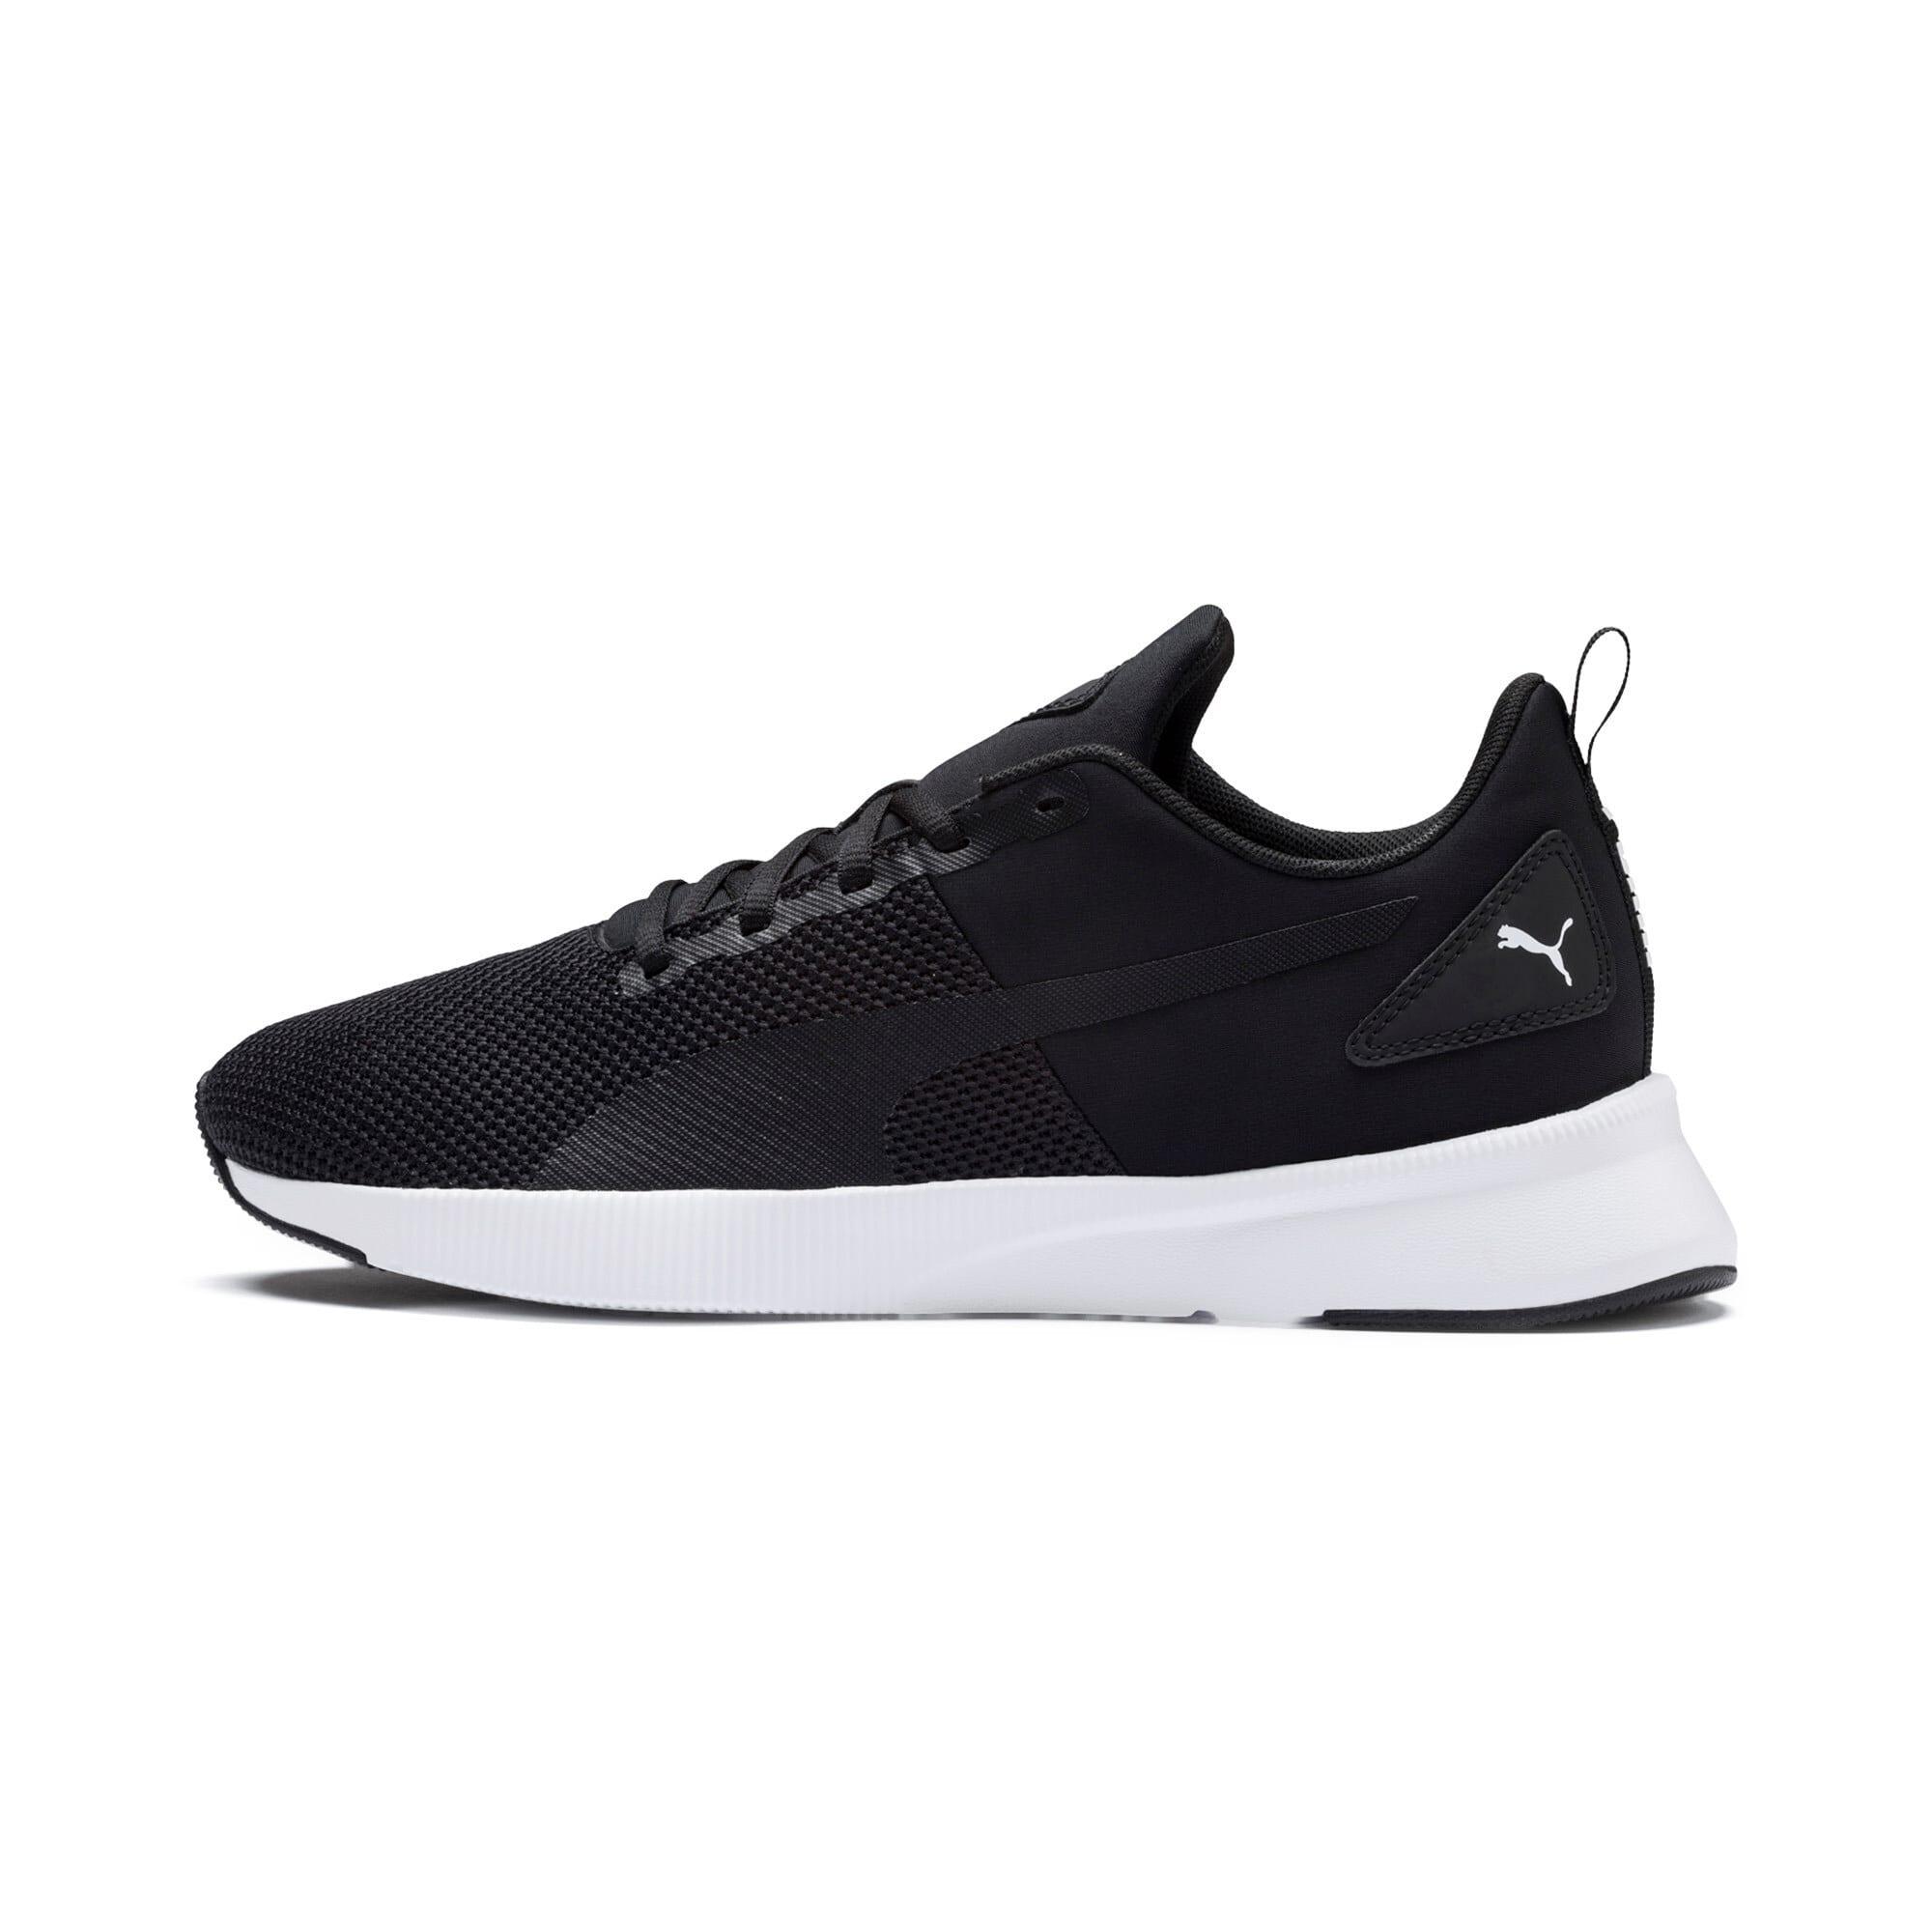 Thumbnail 1 of Flyer Runner Running Shoes, Black-Black-White, medium